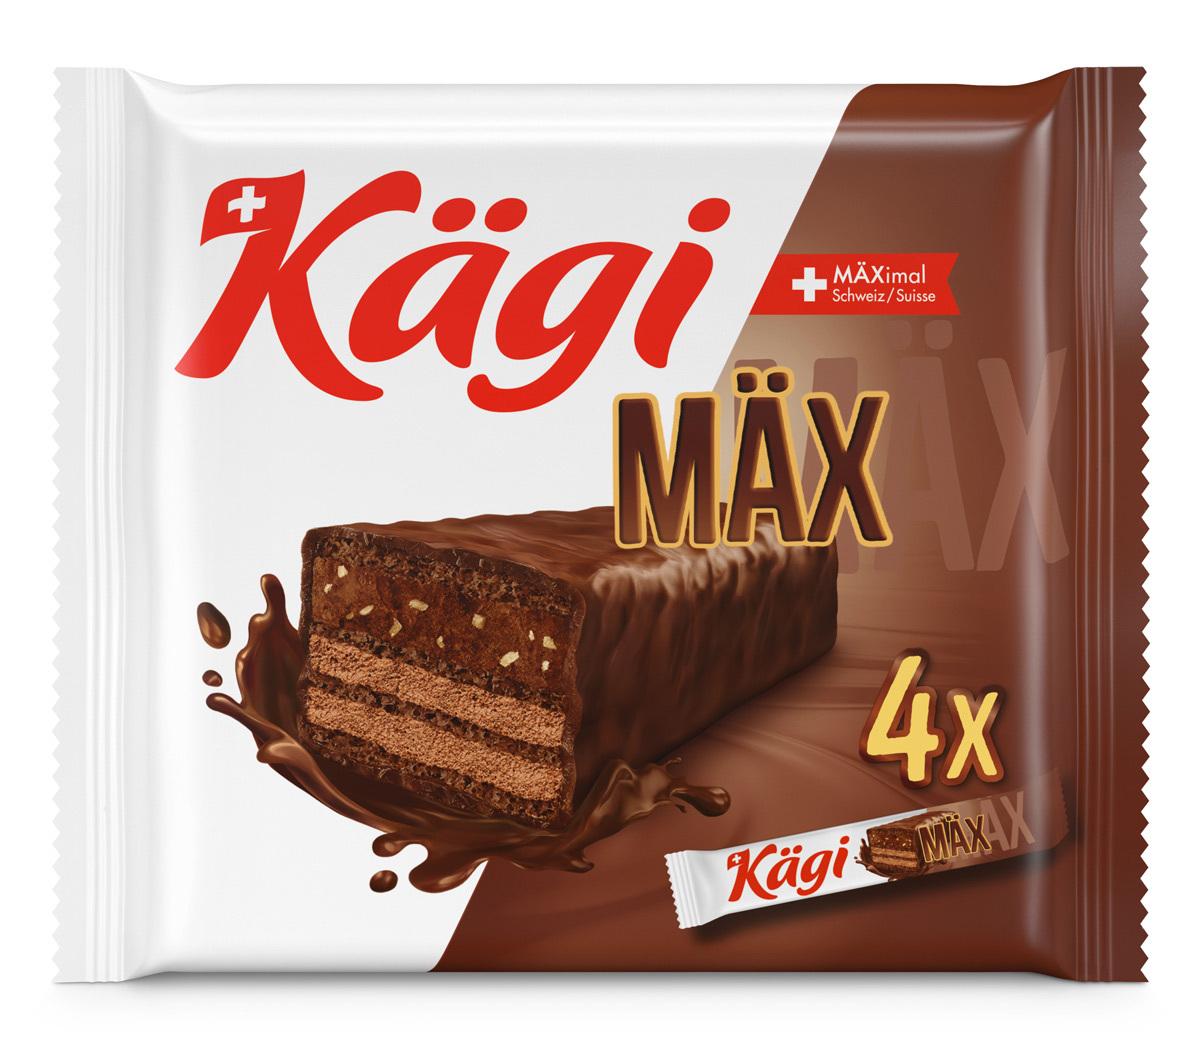 Kaegi-Maex-4er-Pack.jpg?mtime=20190820111625#asset:4493